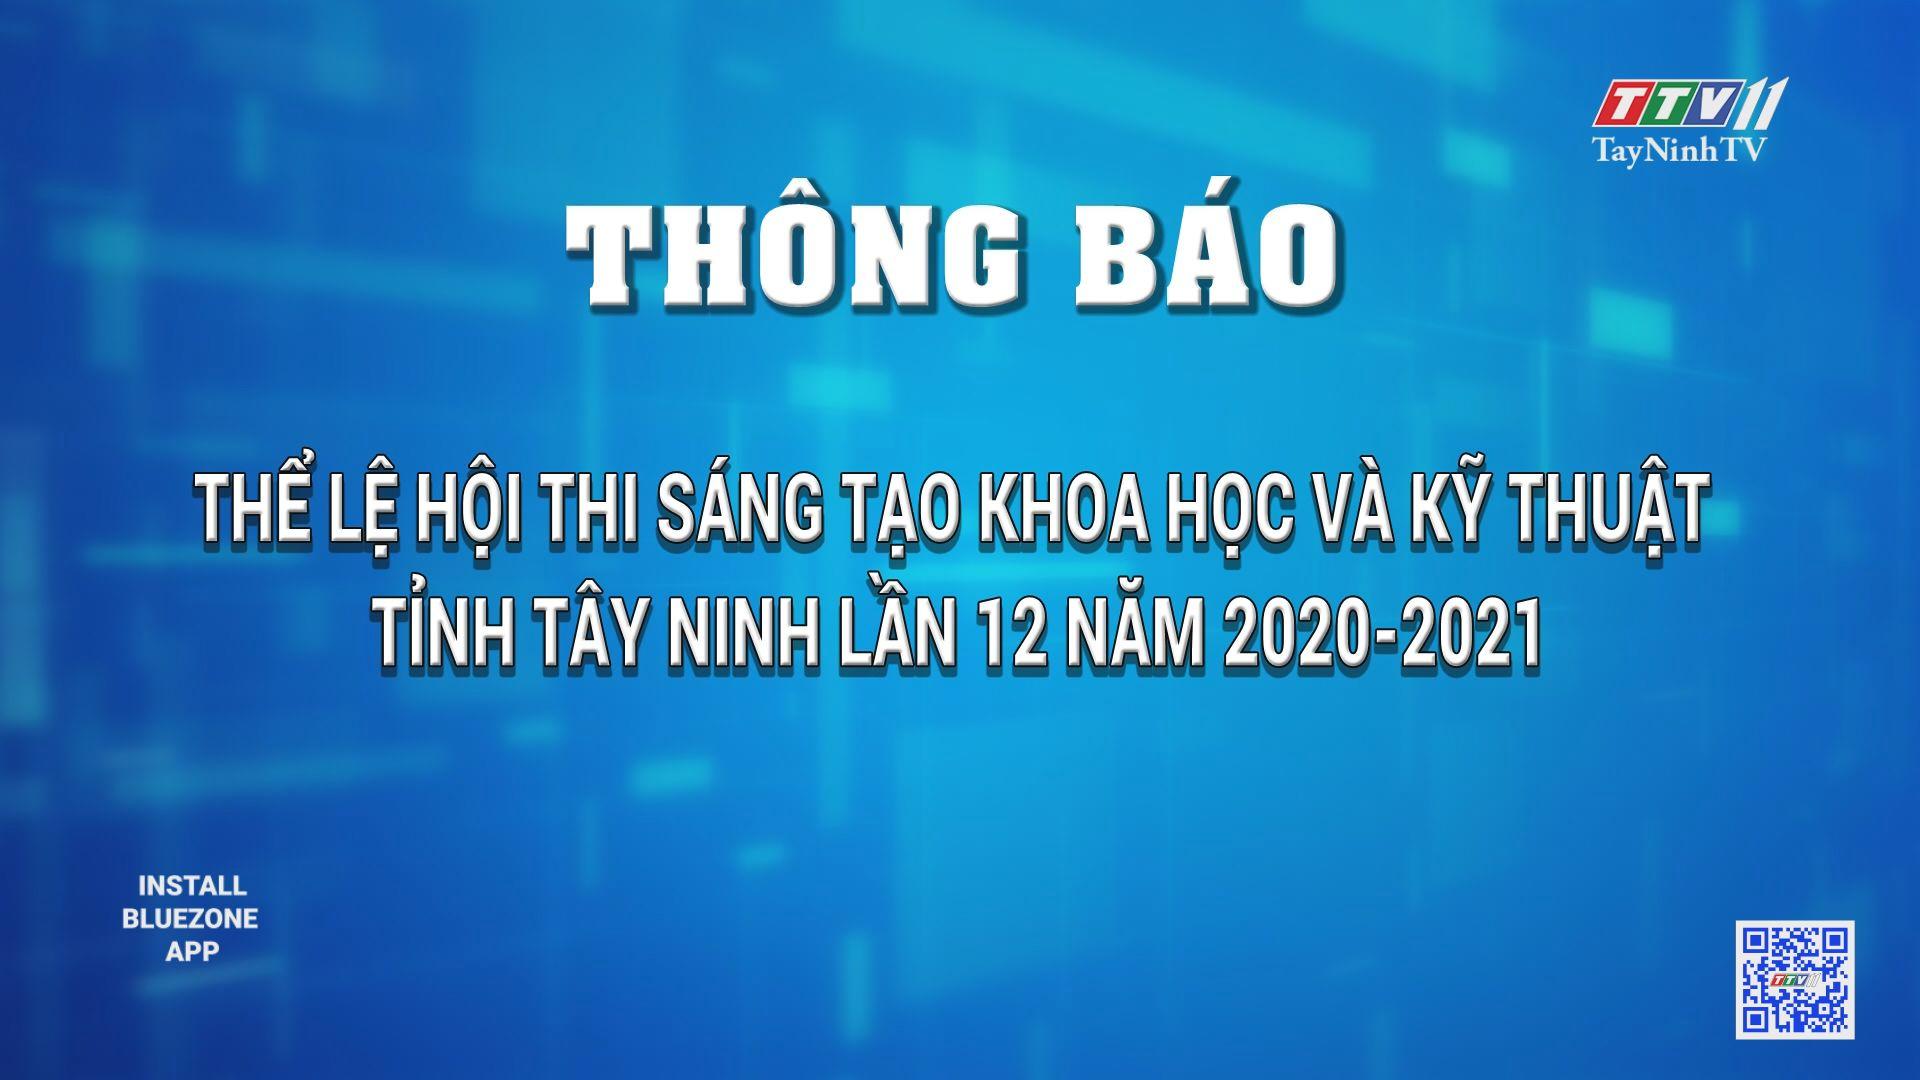 THÔNG BÁO-Thể lệ hội thi Sáng tạo khoa học và kỹ thuật tỉnh Tây Ninh lần 12 năm 2020-2021 | TayNinhTV